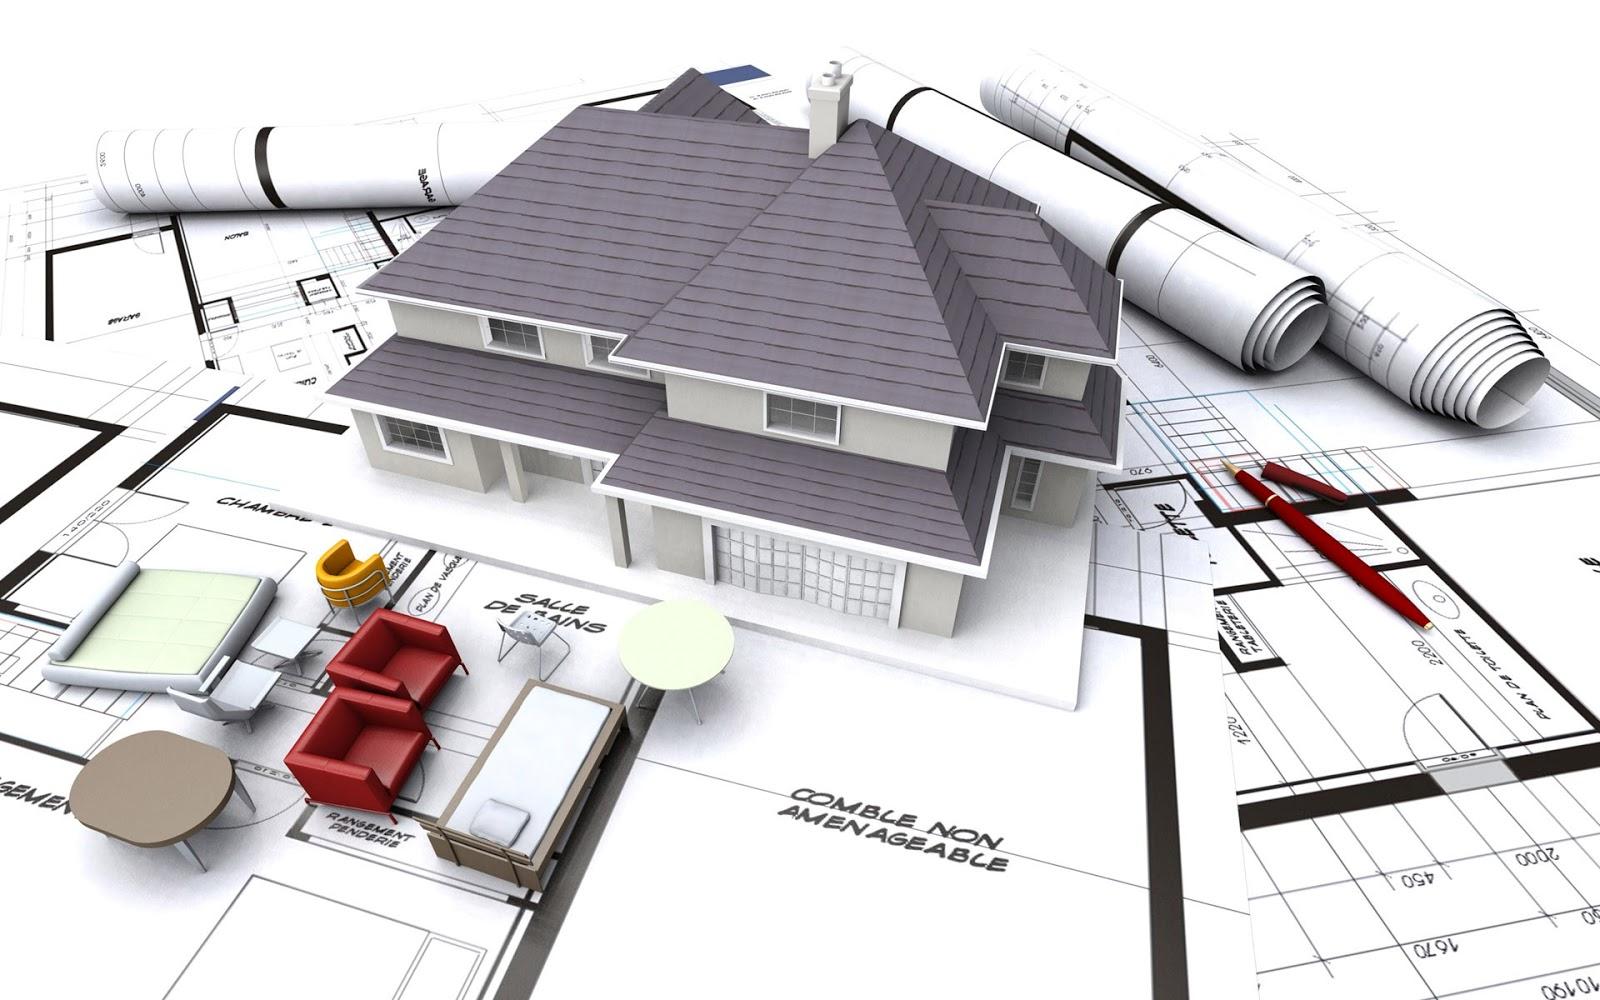 Verticality struktur memasti kekemasan bangunan